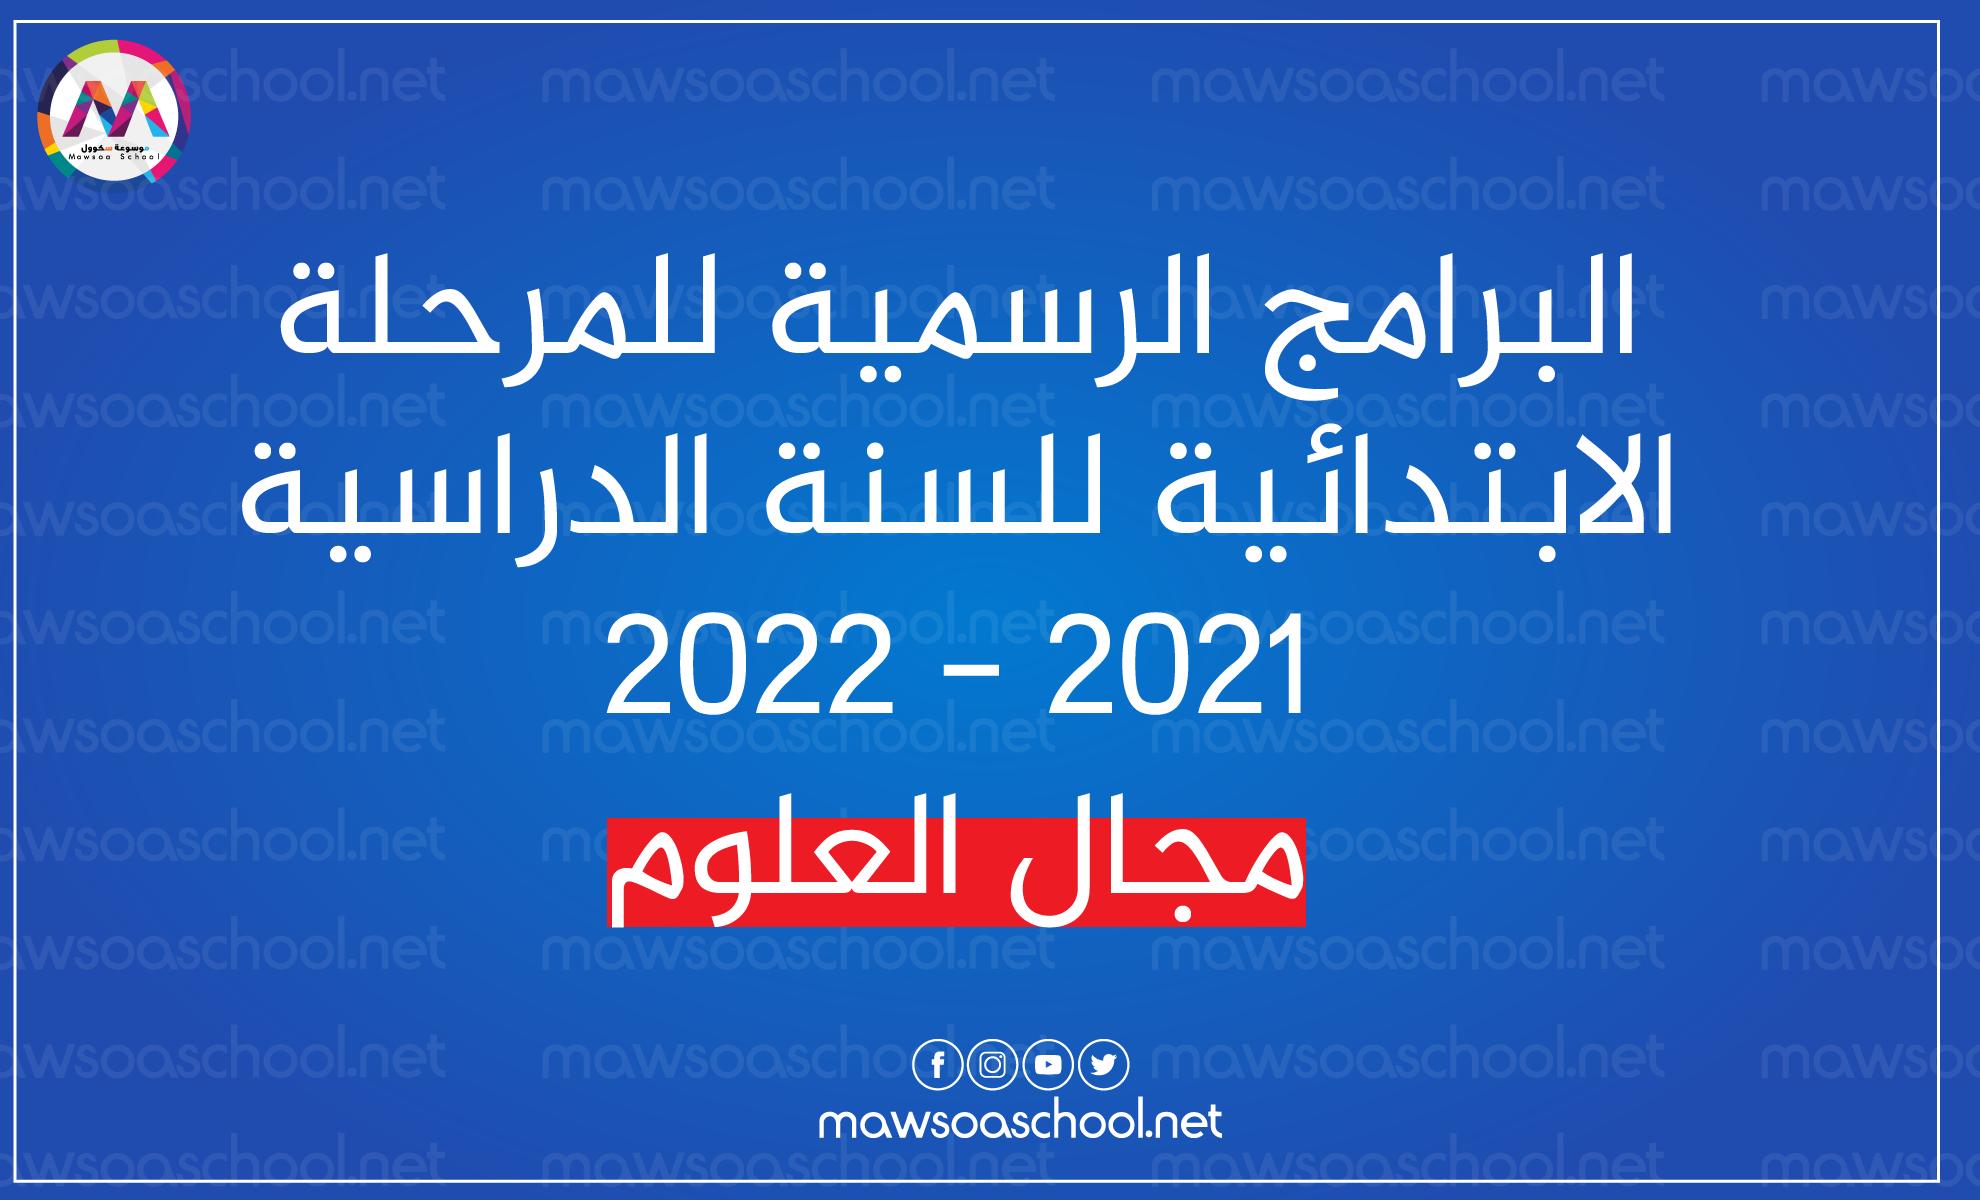 البرنامج الرسمي للدروس الخاص بالمرحلة الابتدائية للسنة الدراسية 2021 - 2022 مجال العلوم